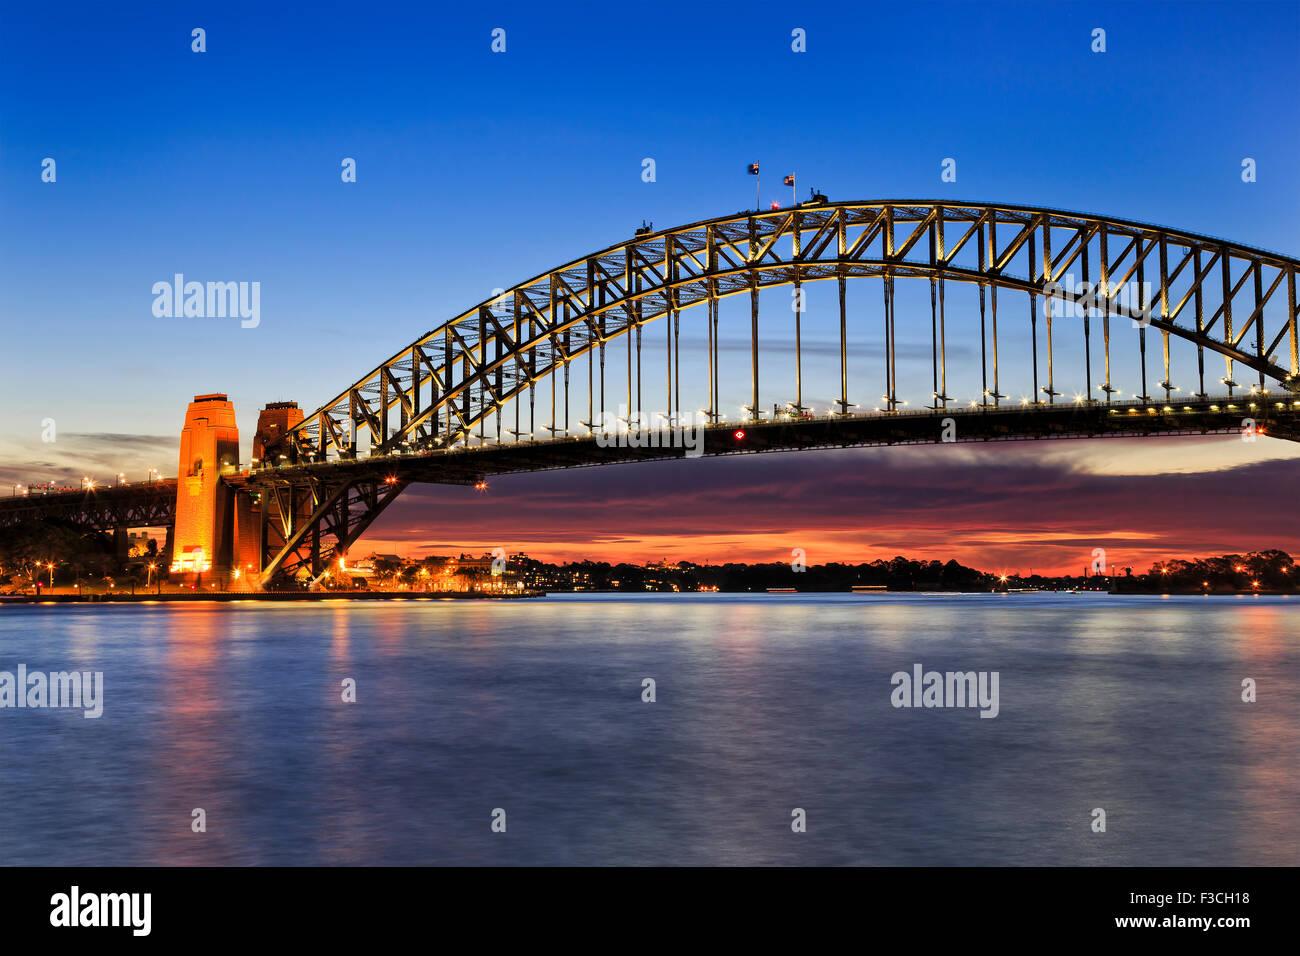 Vue latérale du Sydney Harbour Bridge au lever du soleil avec scarlett la lumière du soleil et l'éclairage Photo Stock